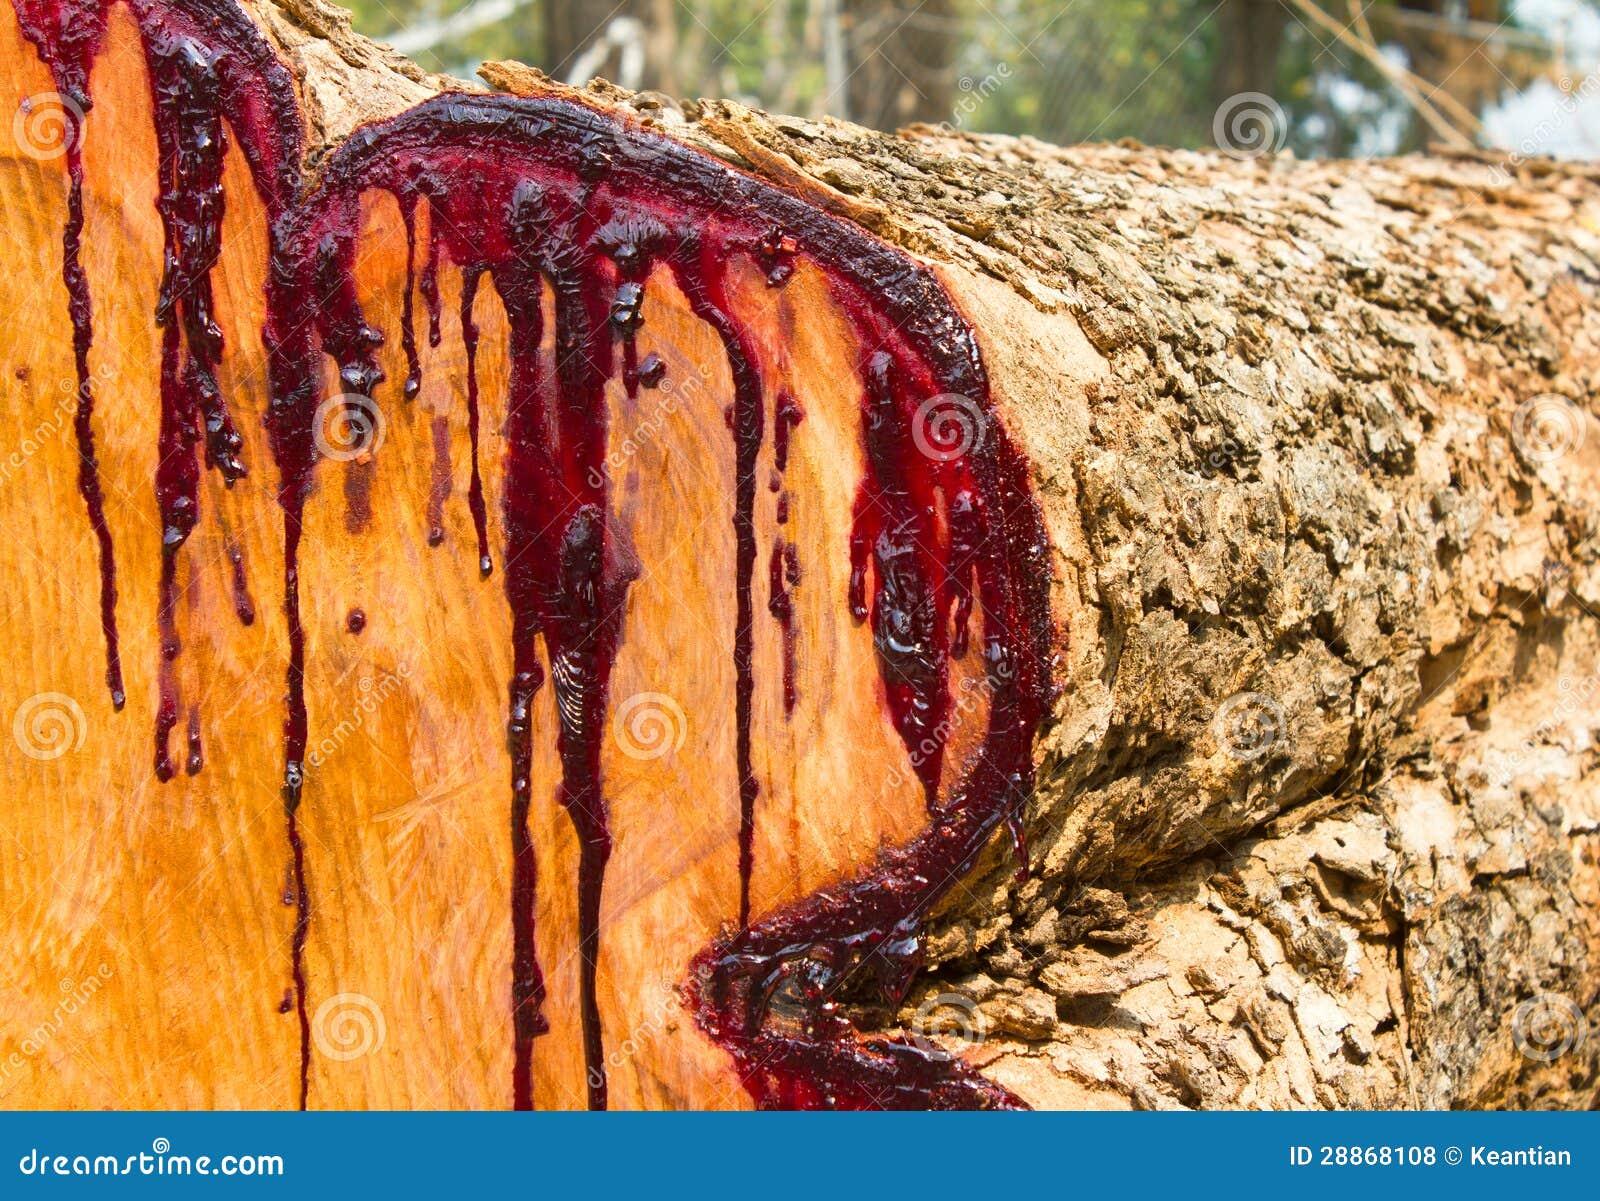 乳汁横断面木头被弄脏红色。